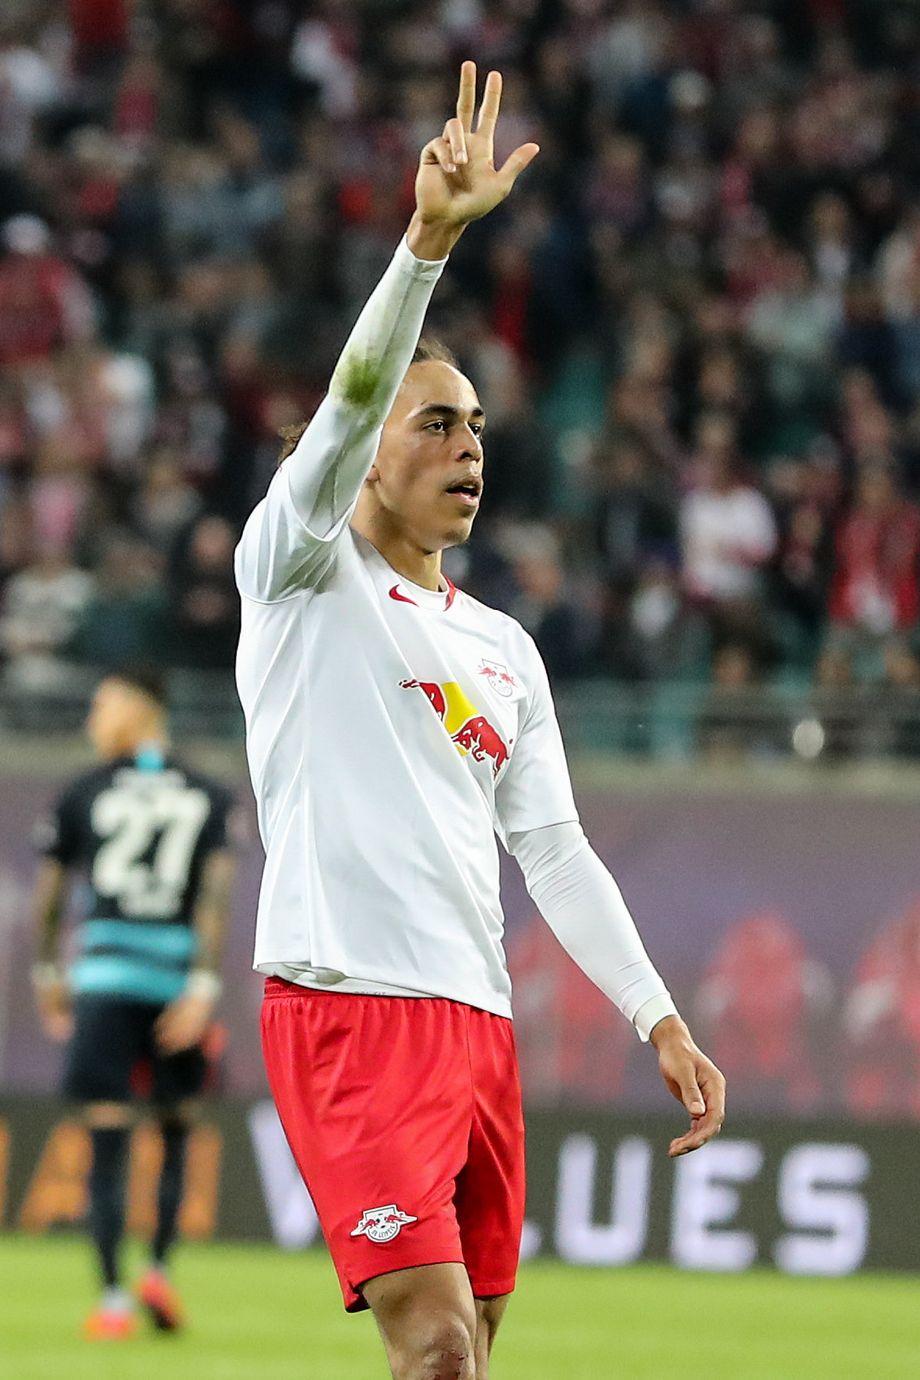 RB-Leipzig-Sieg gegen Hertha BSC in Bildern - DER SPIEGEL